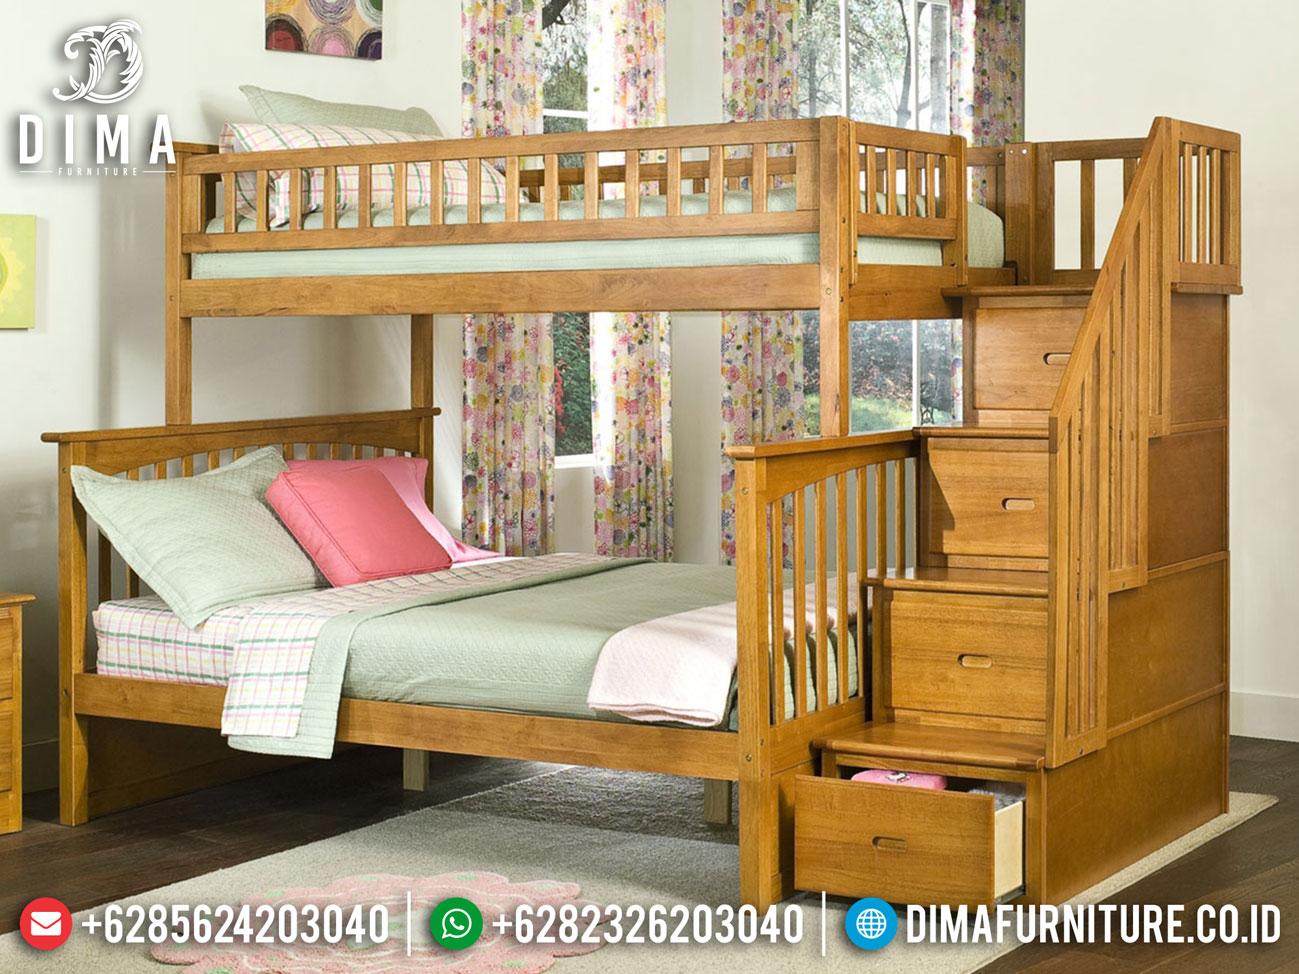 Best Seller Tempat Tidur Anak Tingkat Natural Minimalis Jati Jepara MM-0835